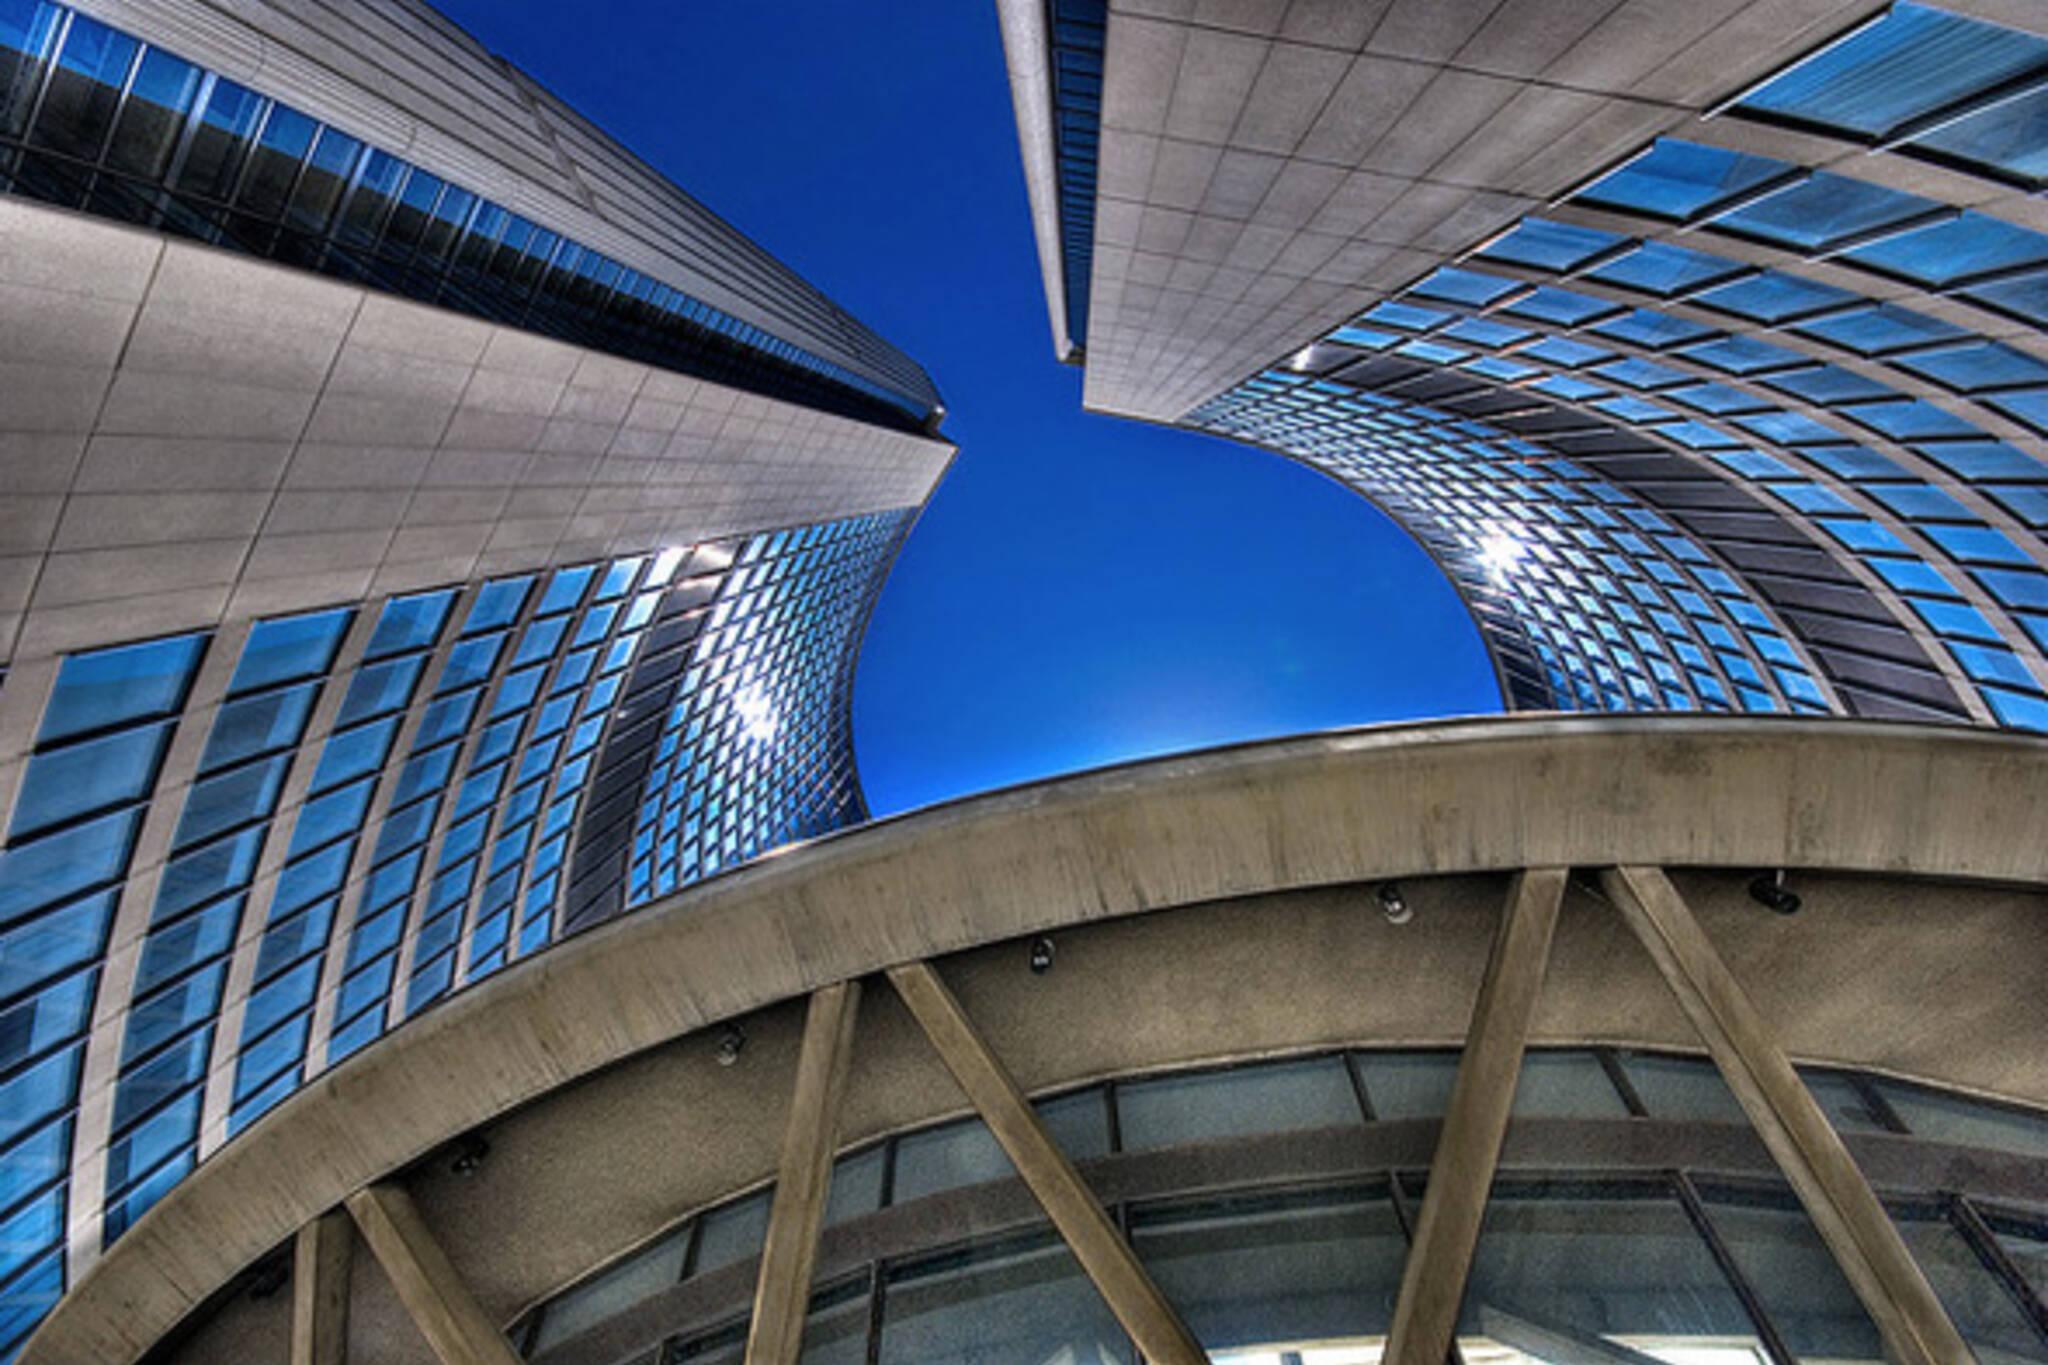 Toronto Budget surplus 2011